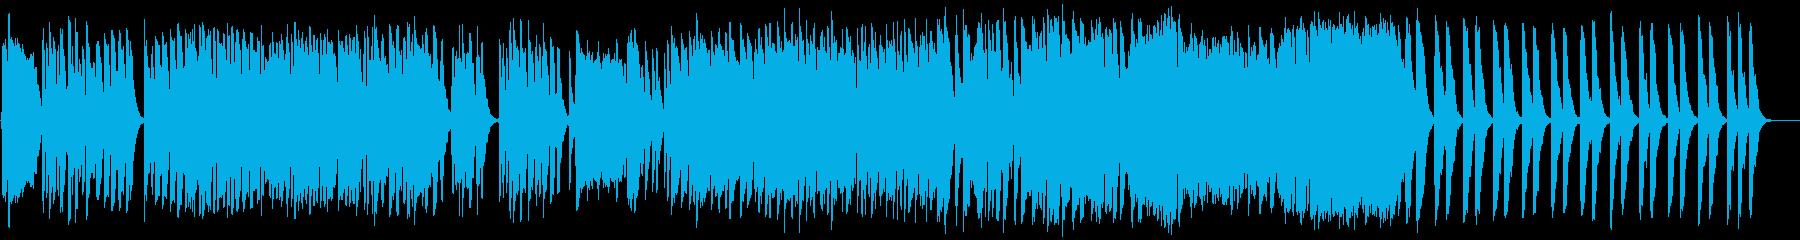 サラサラ ジャズ ドラマチック ビ...の再生済みの波形